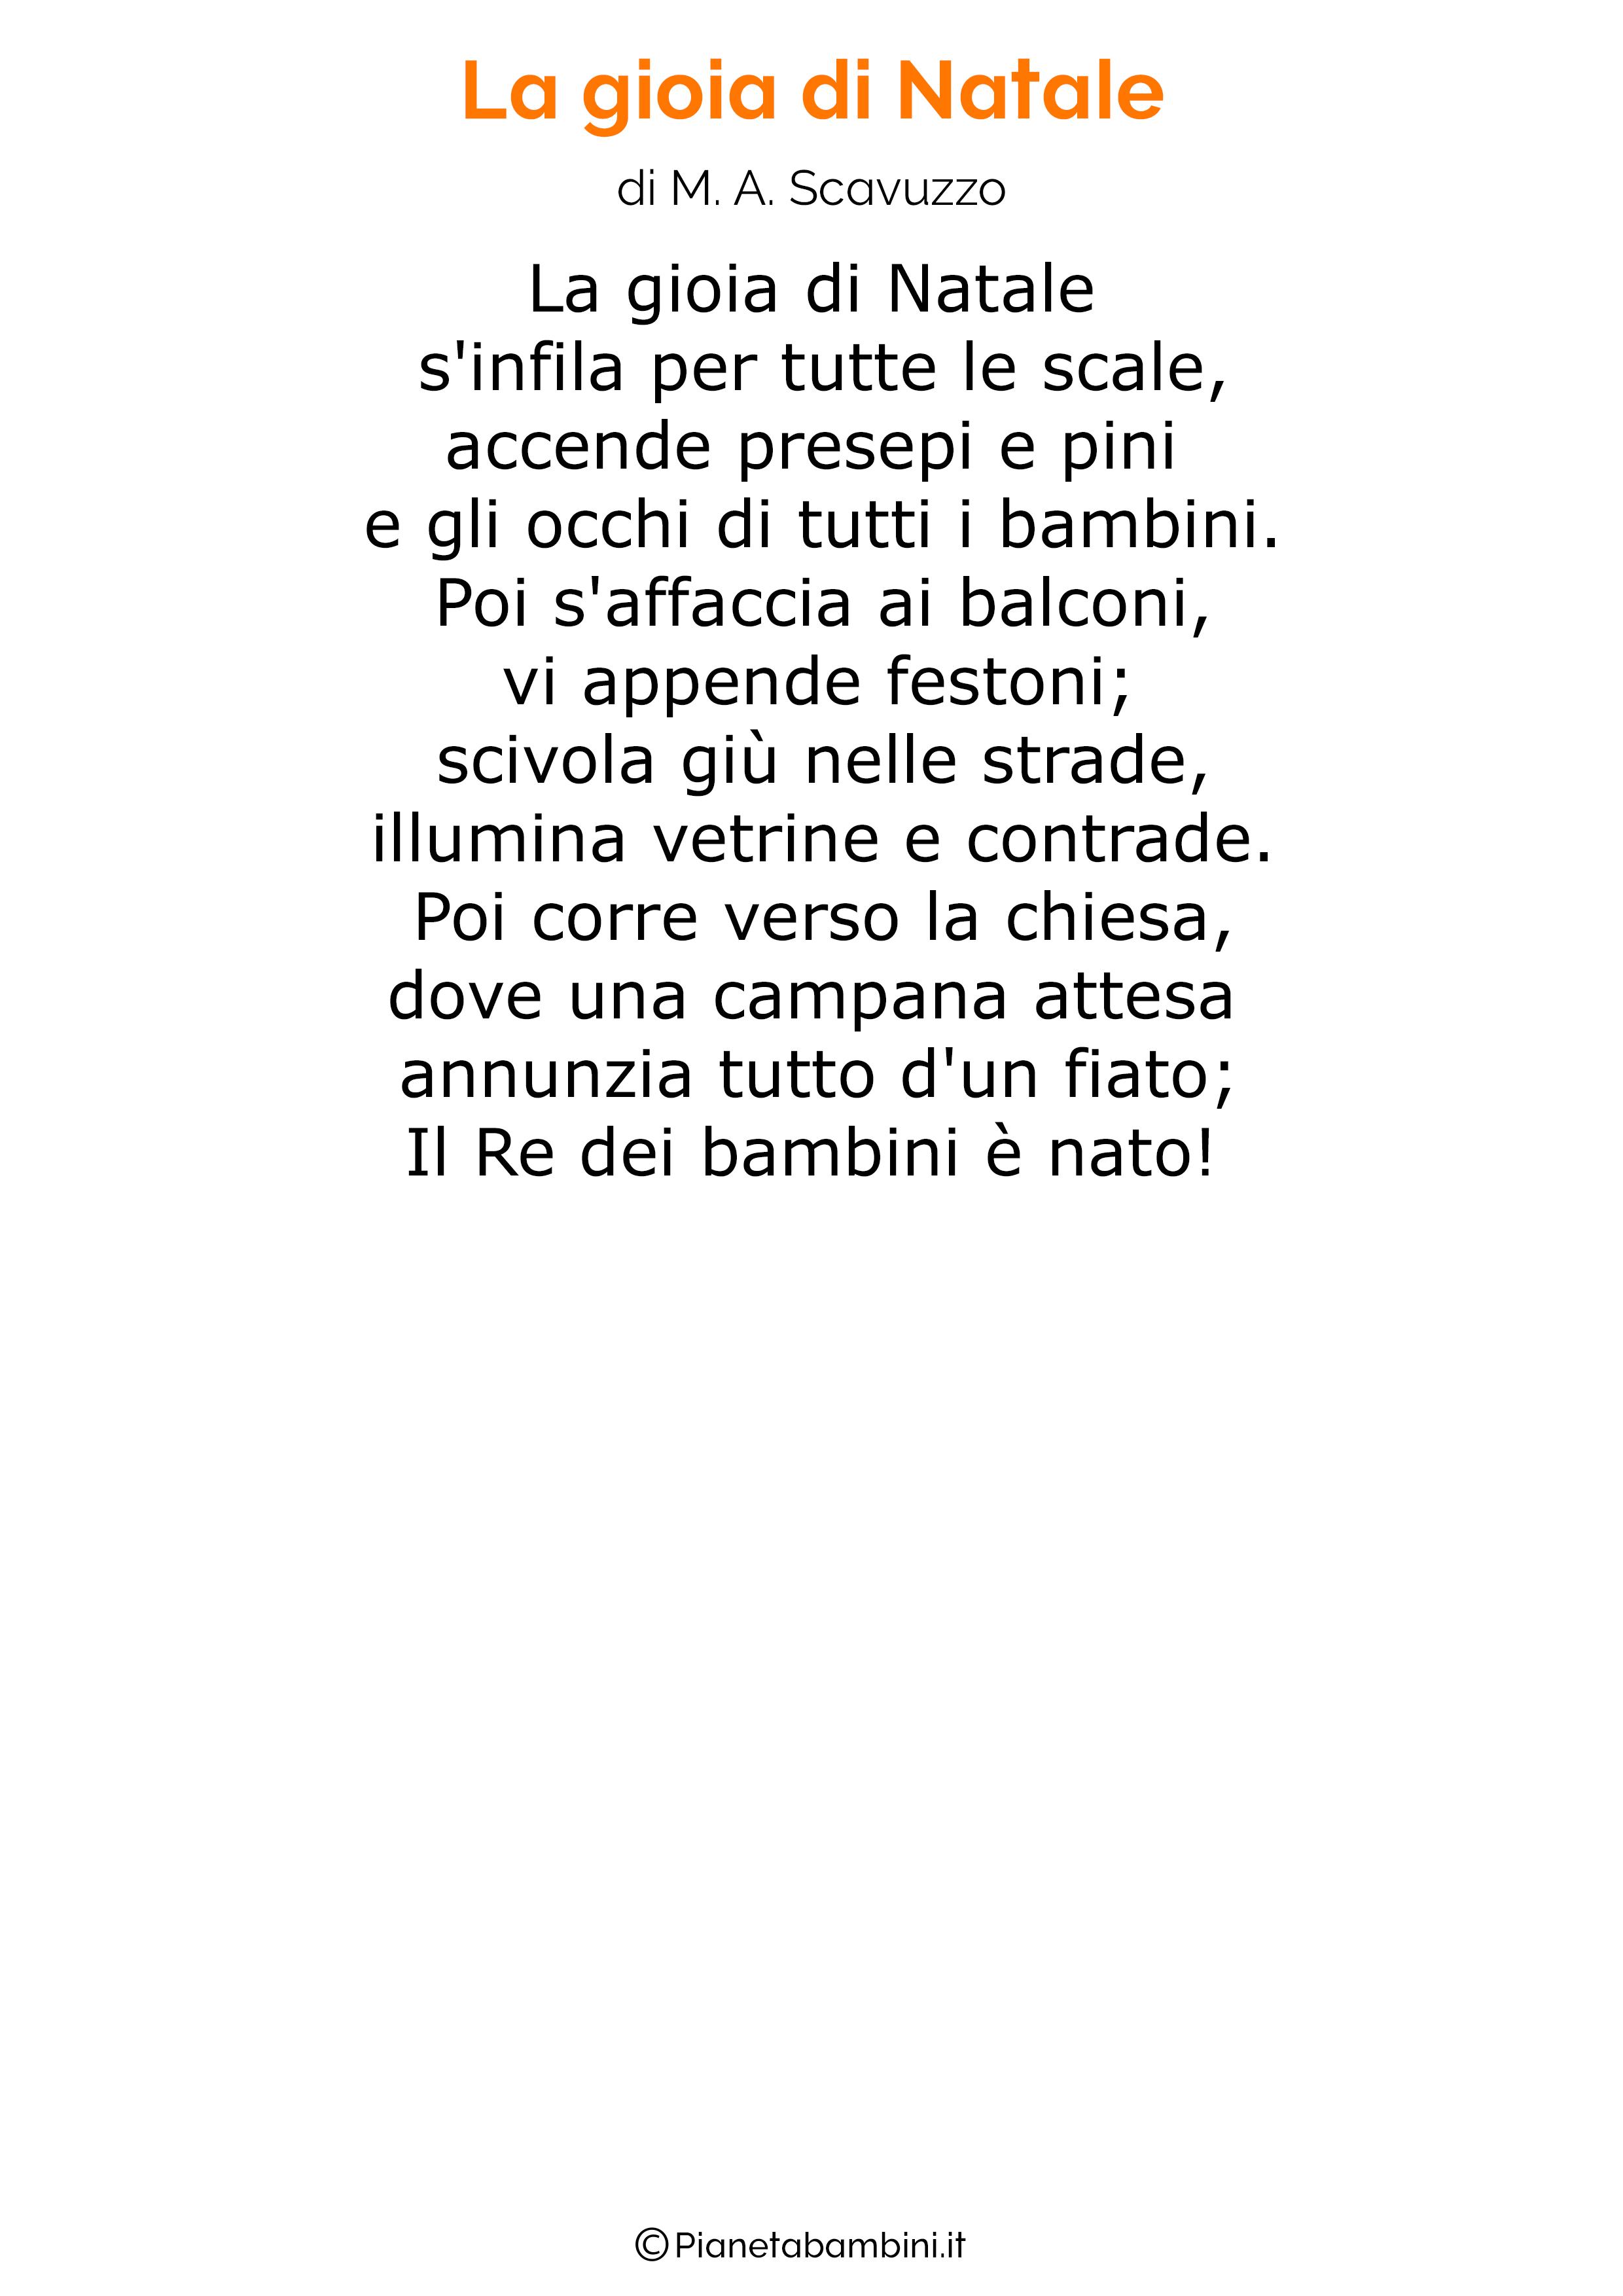 Piccola poesia composta dalla maestra annagrazia un natale 2020 davvero speciale  45 Poesie Di Natale Per Bambini Pianetabambini It